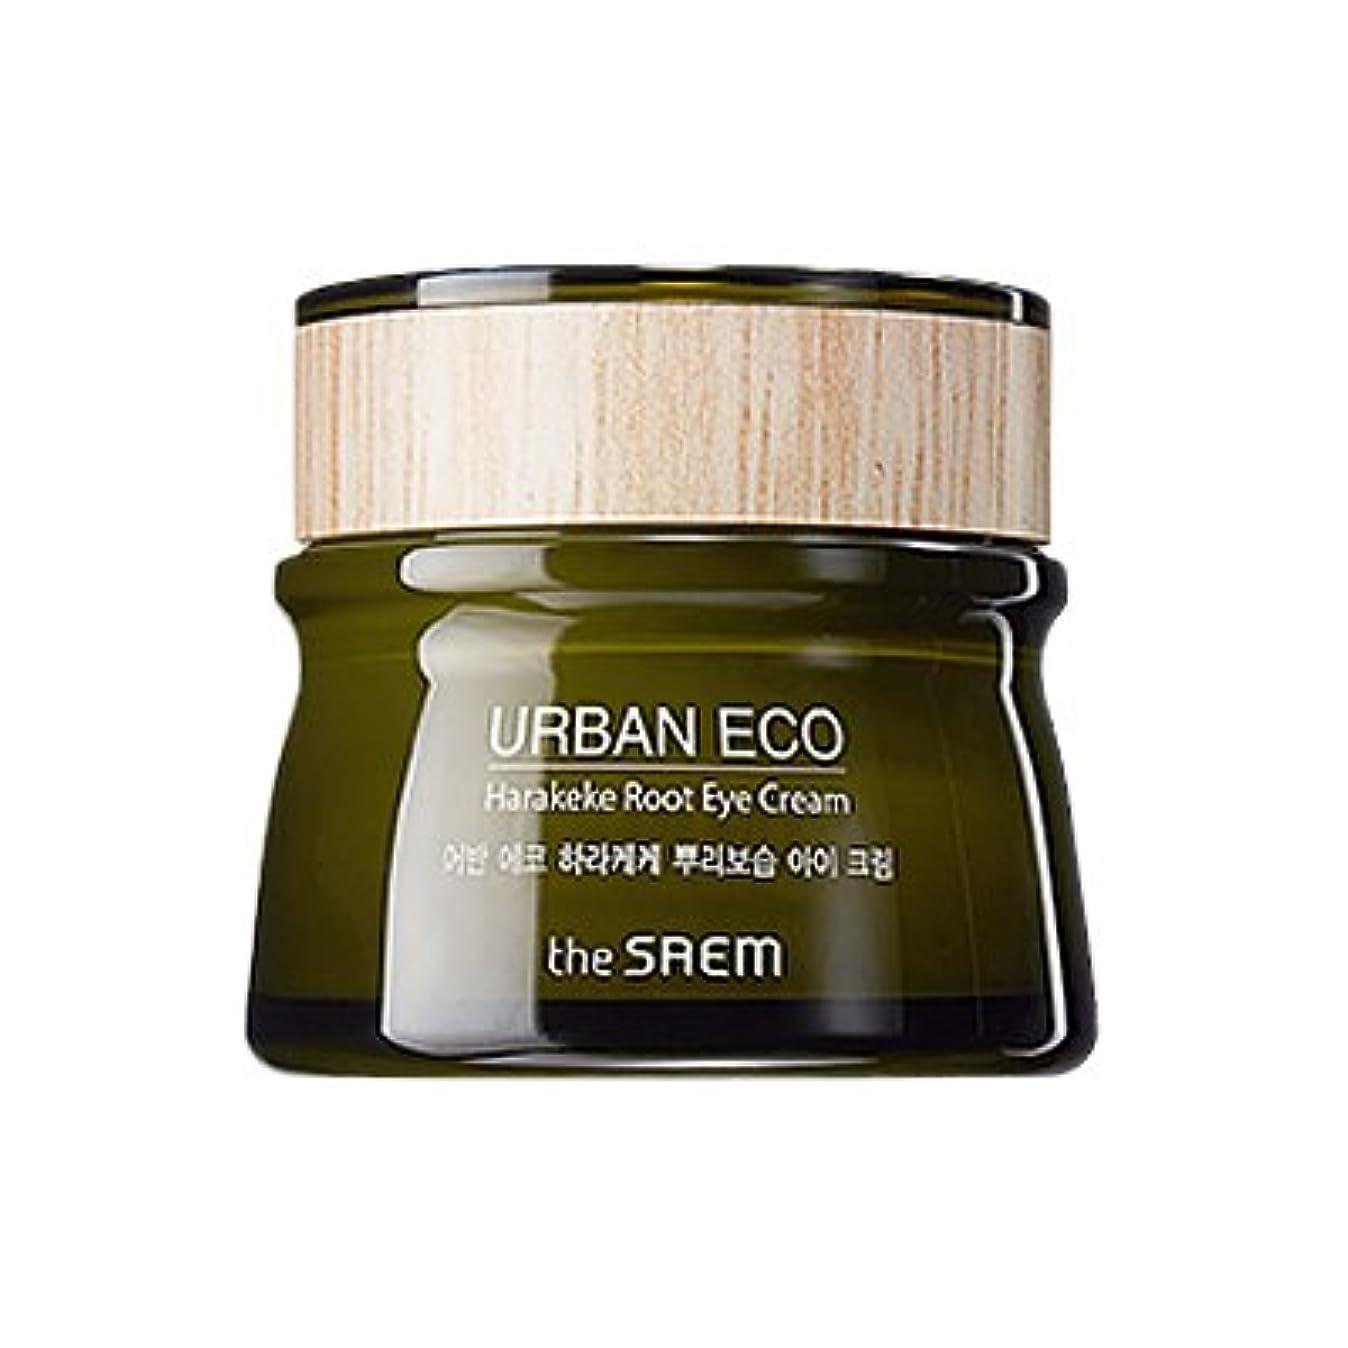 クロニクル半島提唱するThe SAEM Urban Eco Harakeke Root Eye Creamザセムアーバンエコハラケケ根保湿アイクリーム [並行輸入品]